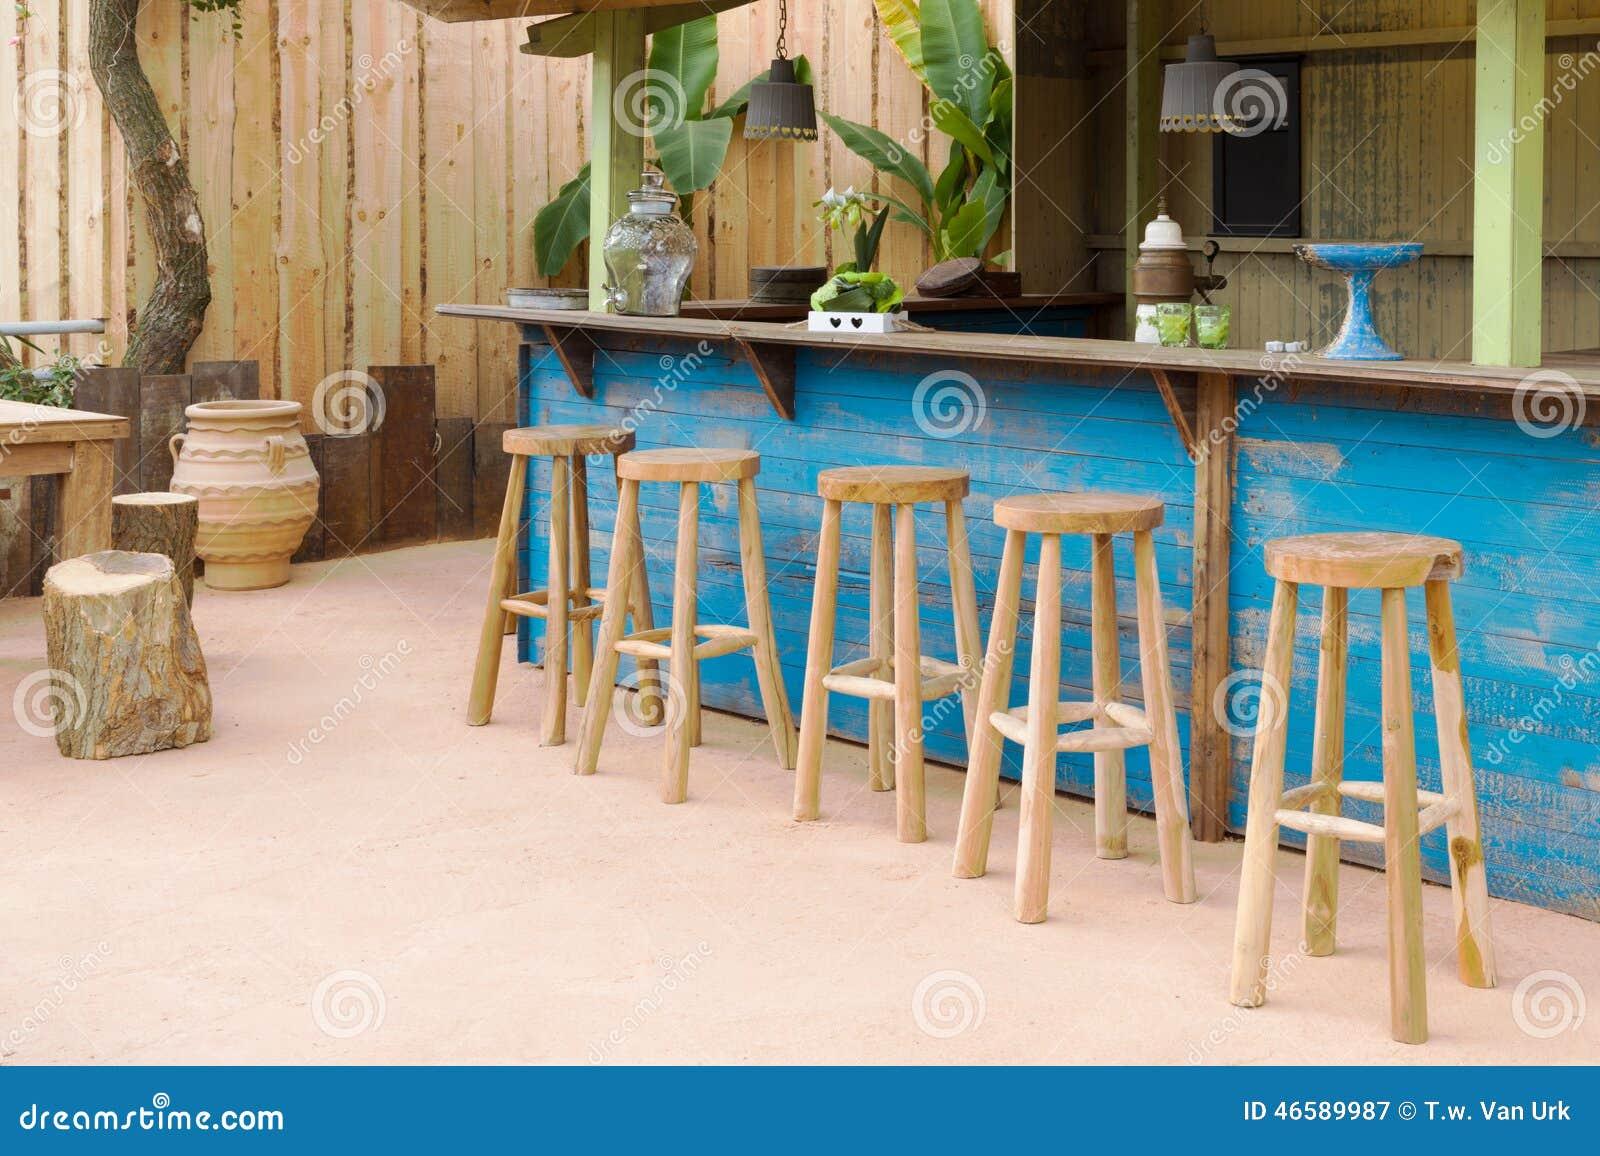 Houten bar met barkrukken stock foto afbeelding 46589987 - Meubilair outdoor houten keuken ...